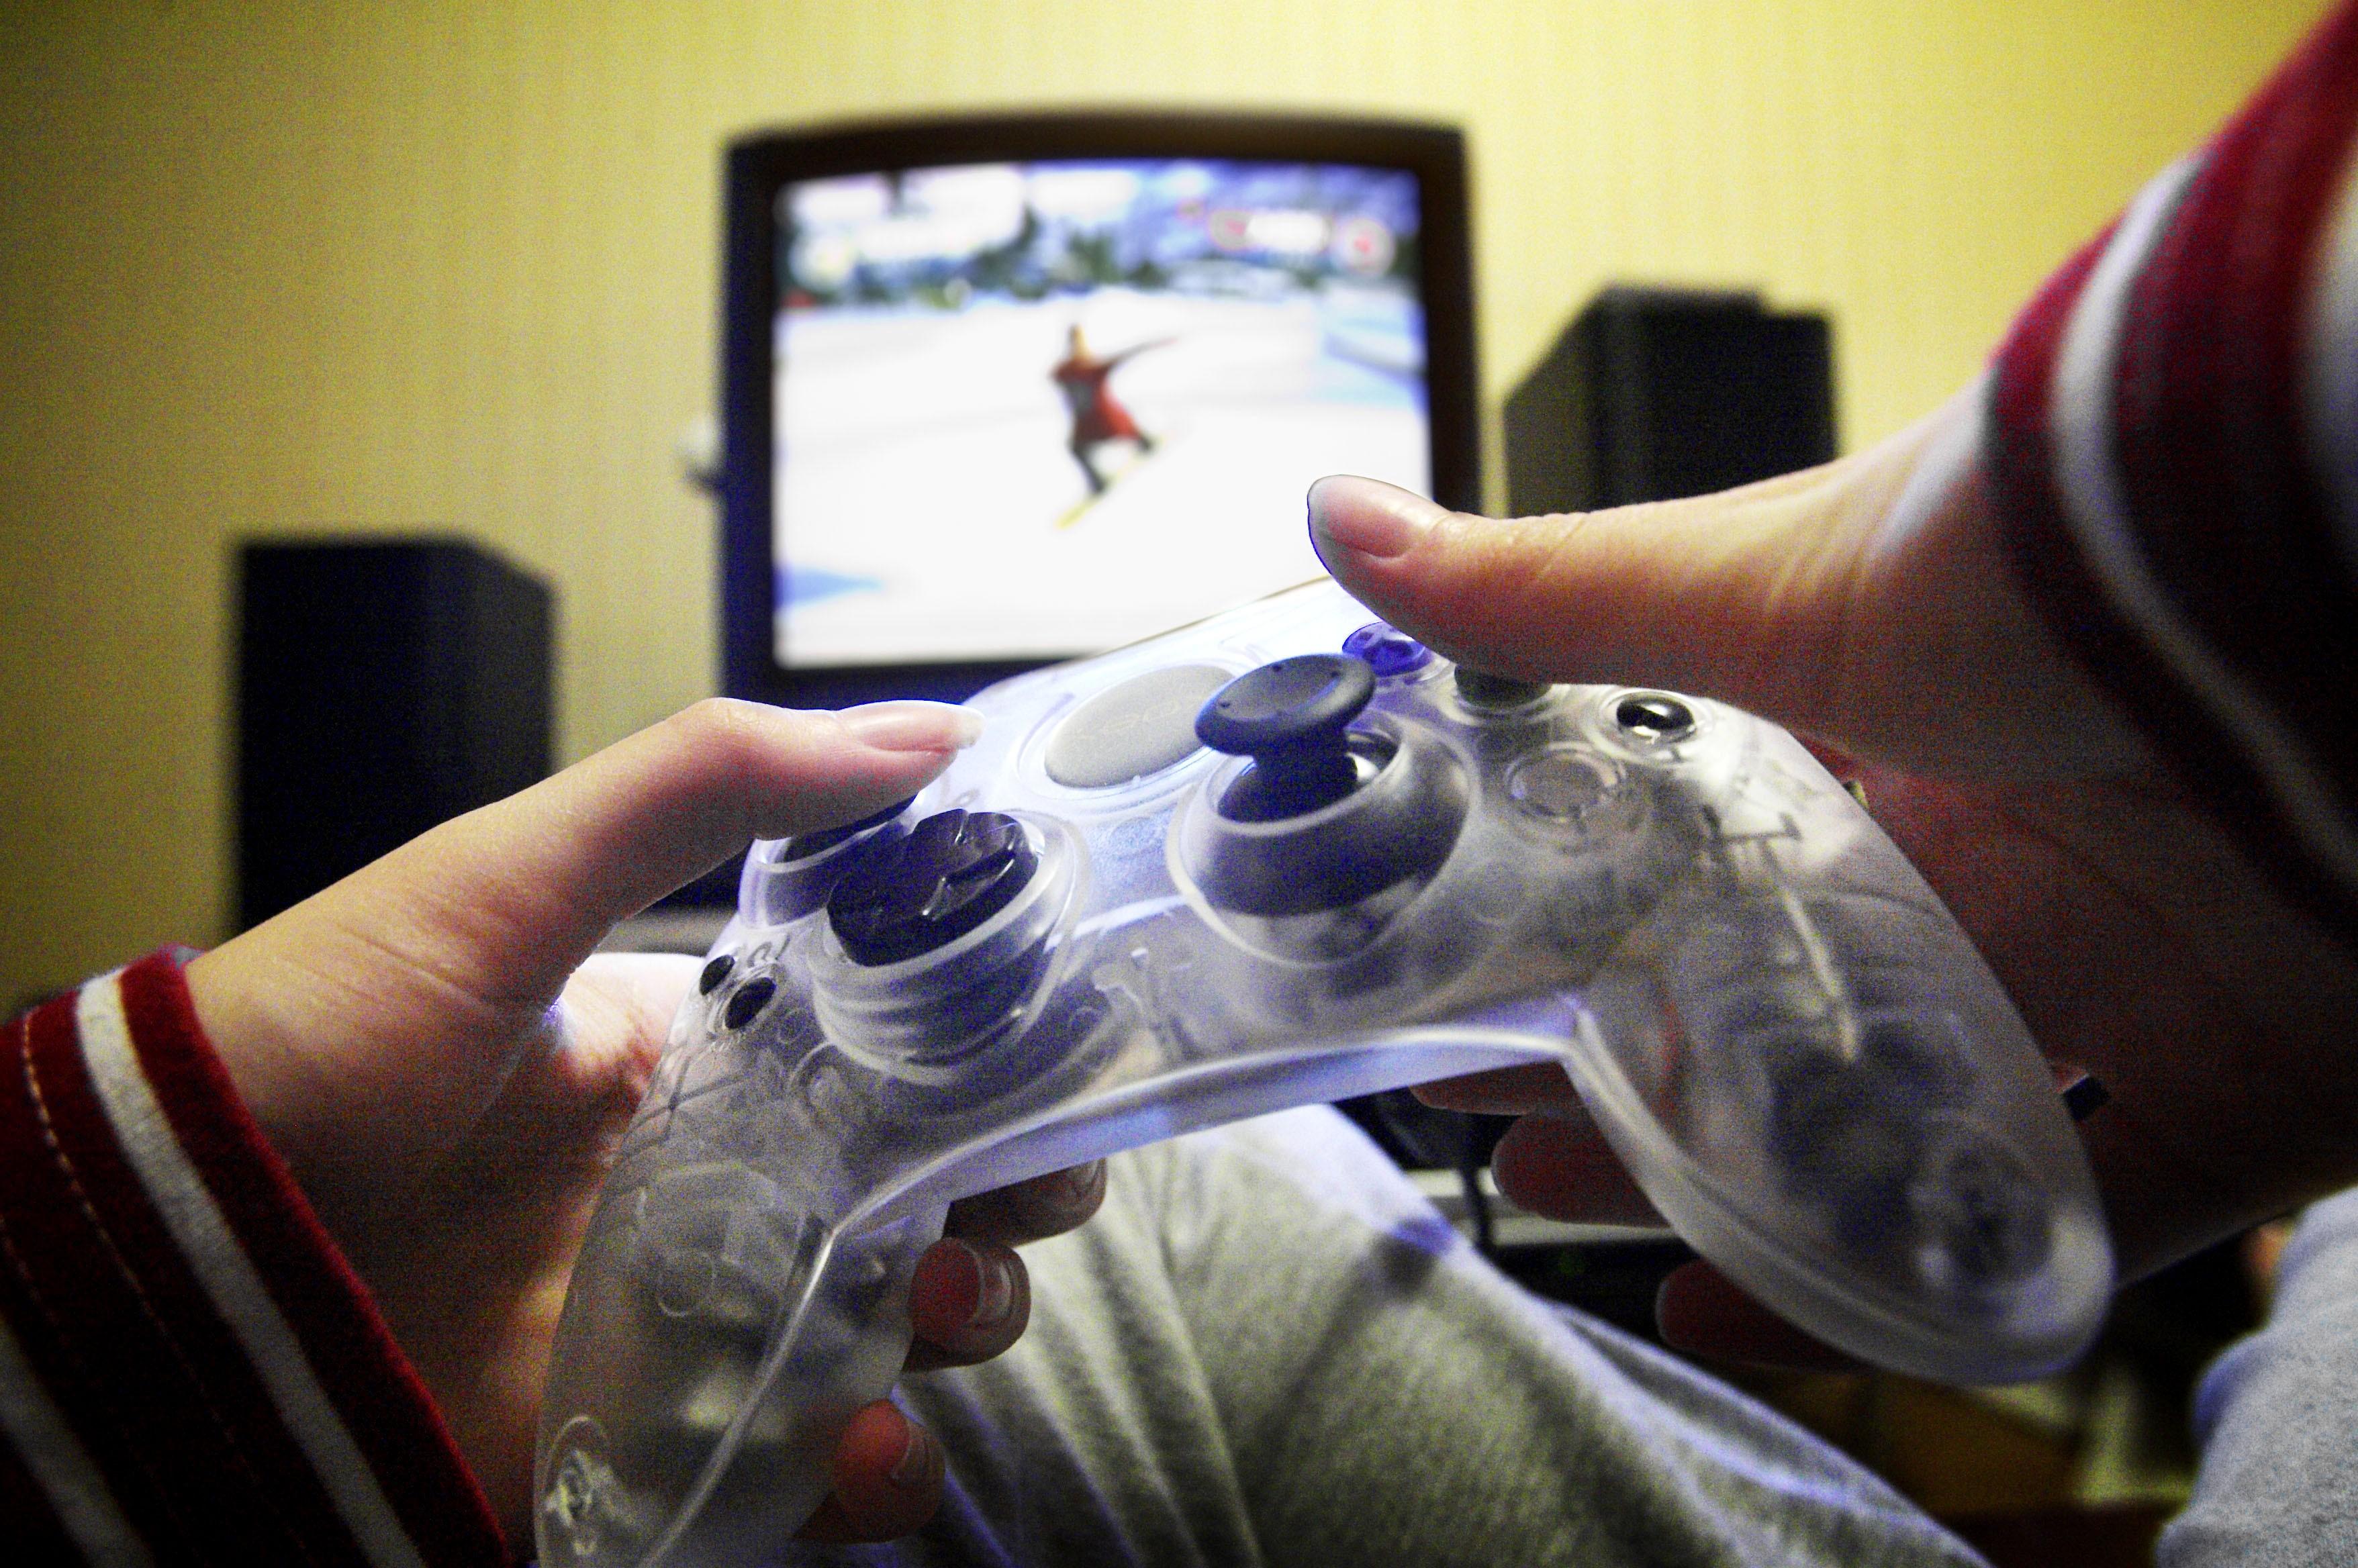 10 sites gratuitos que todo gamer precisa conhecer